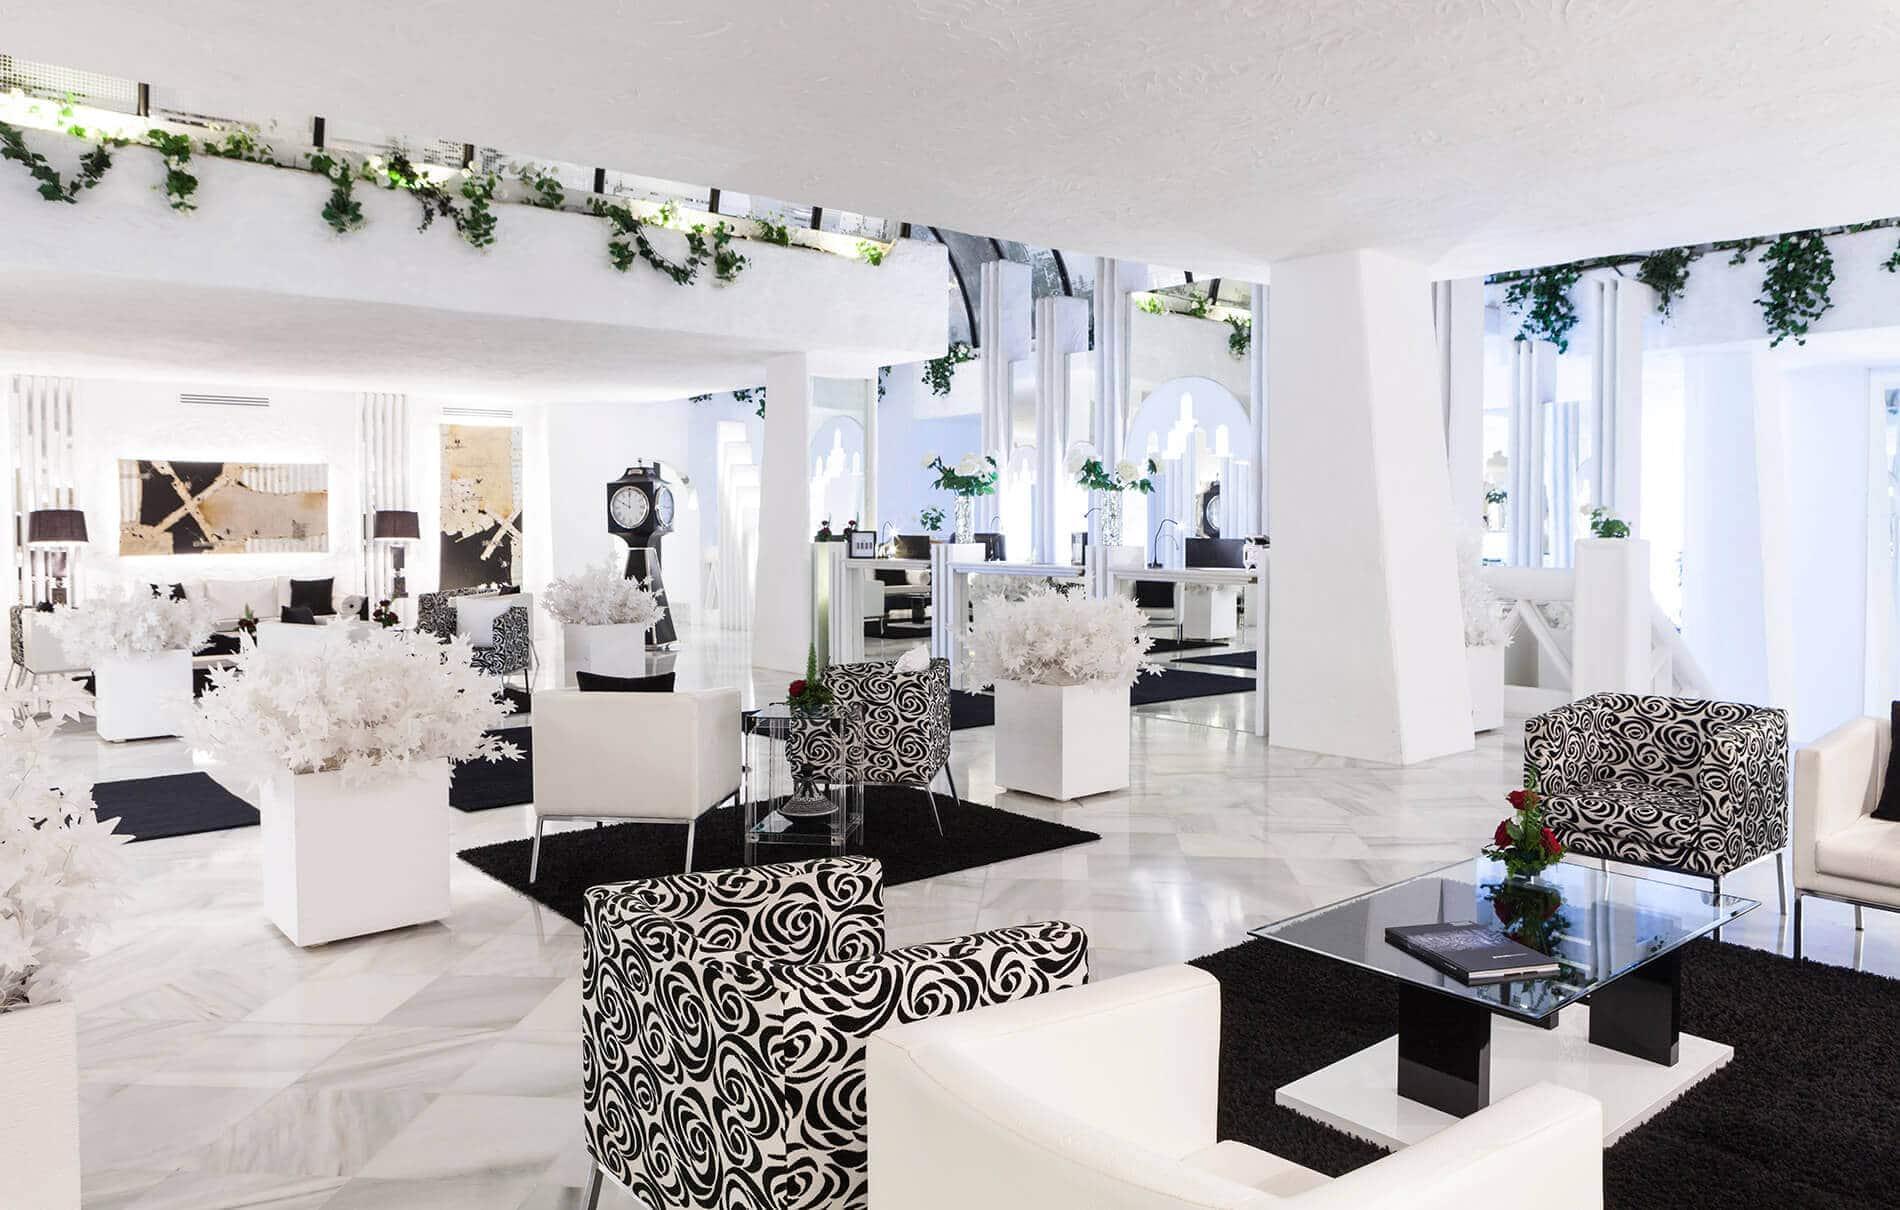 Espanja-Almuneckar-Hotel Suite Albayzin del Mar aula